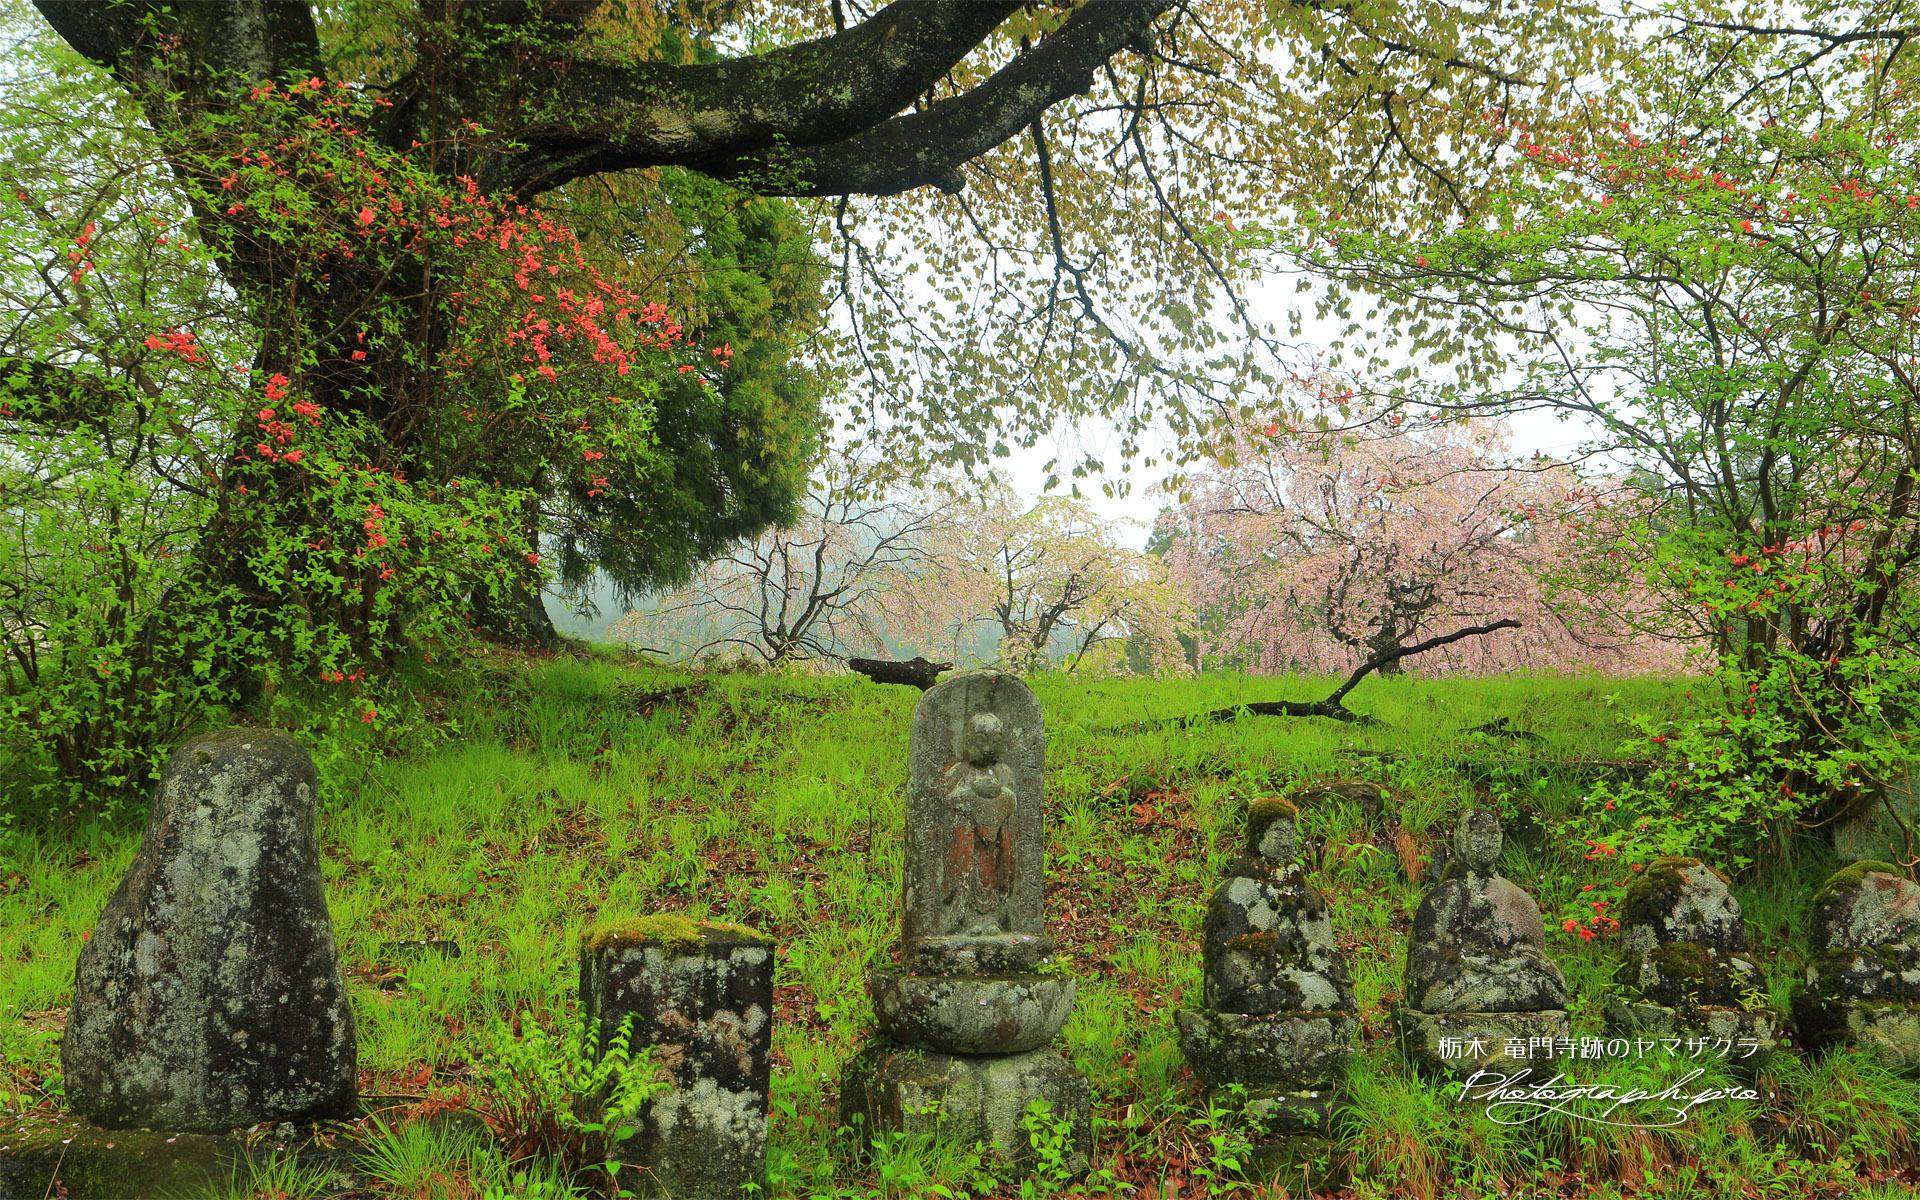 竜門寺跡のヤマザクラ